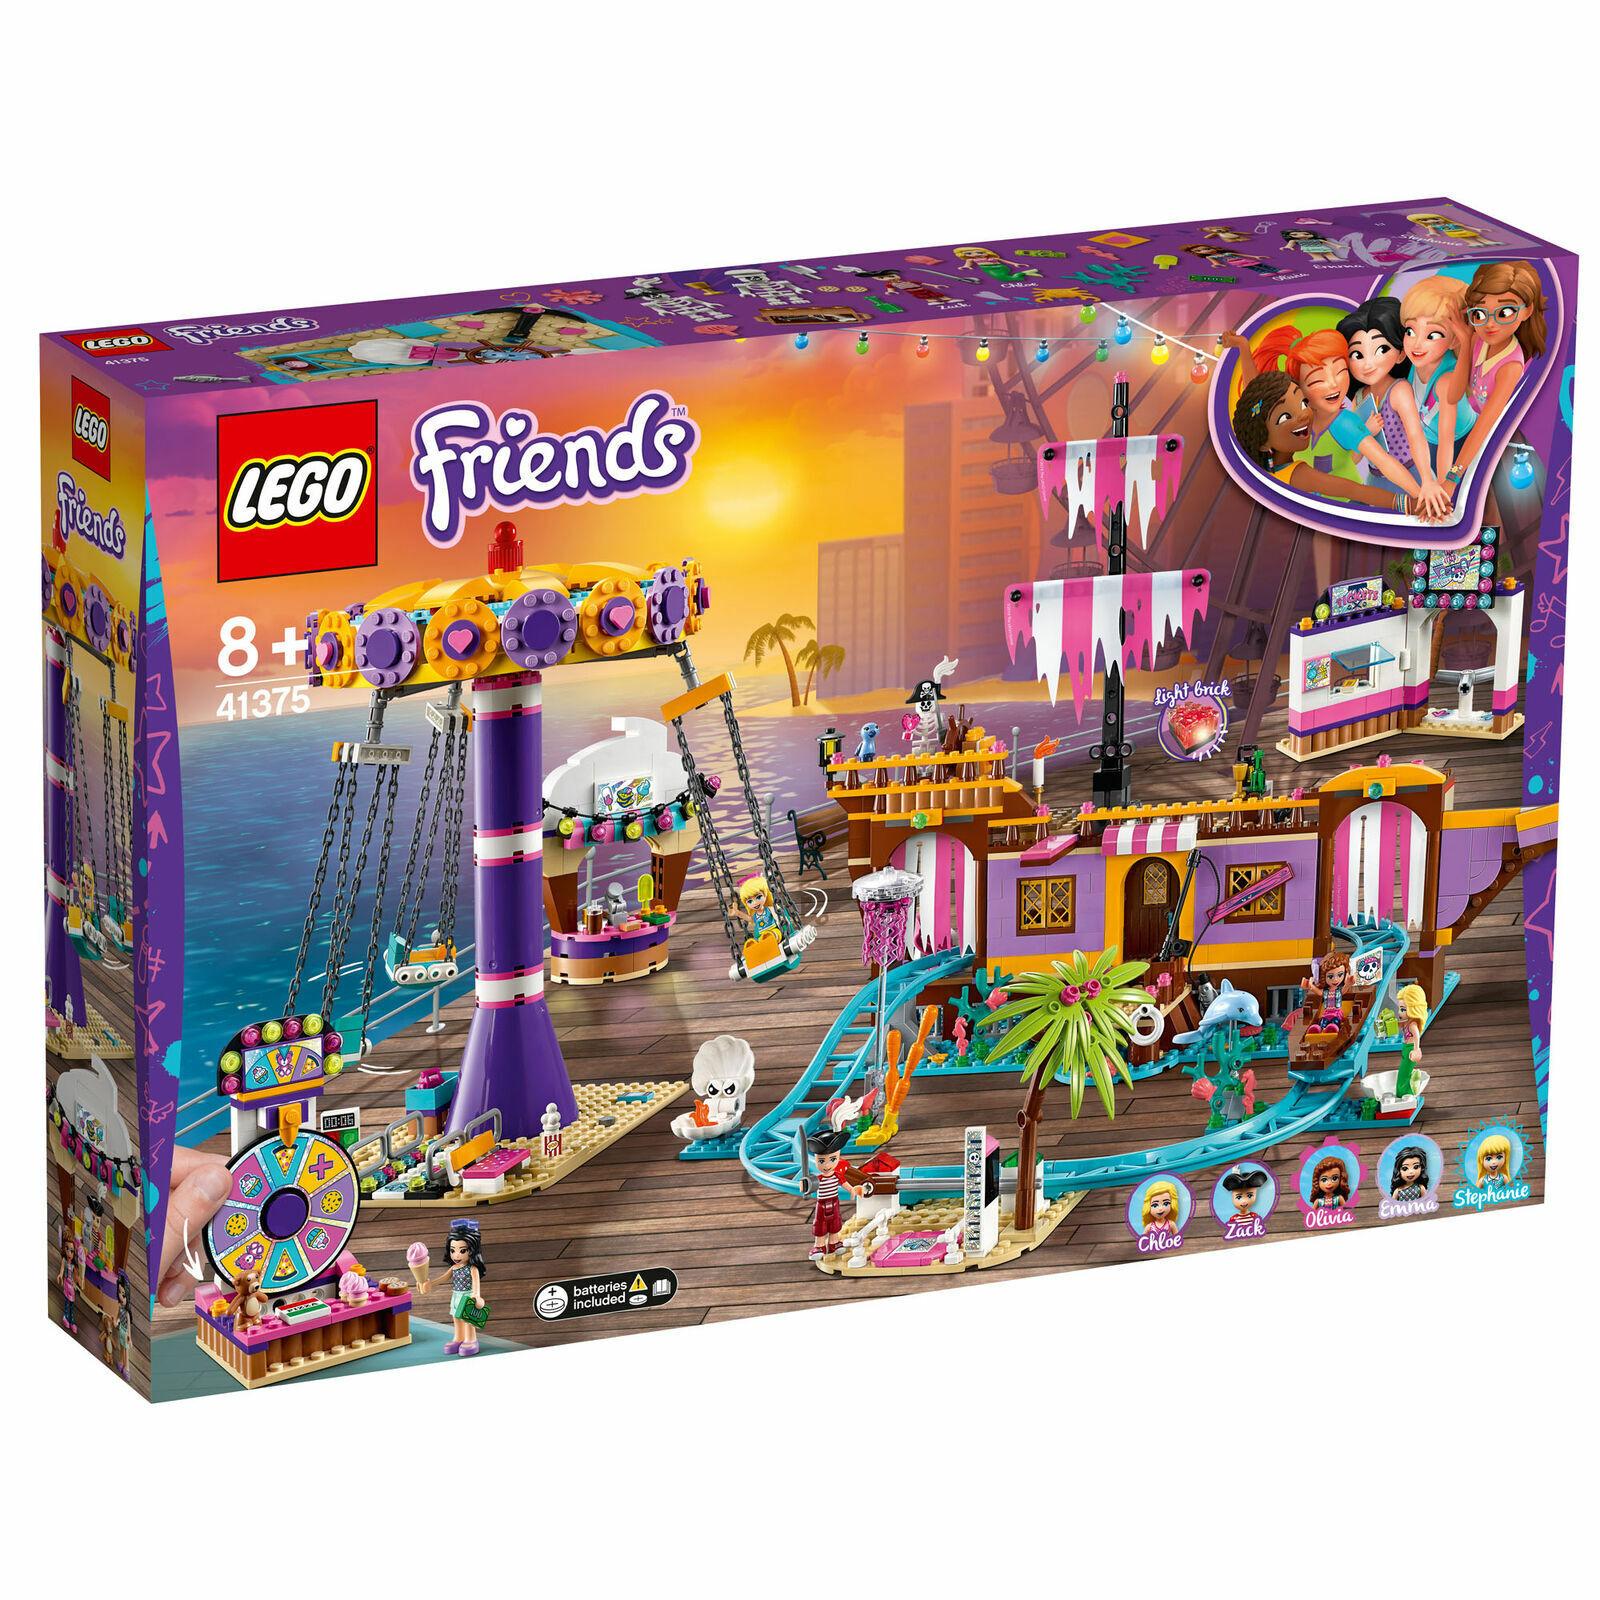 LEGO ® Friends 41375-Parc d'attractions de Heartlake  City - 1.251 Pièces Neuf & neuf dans sa boîte  derniers styles